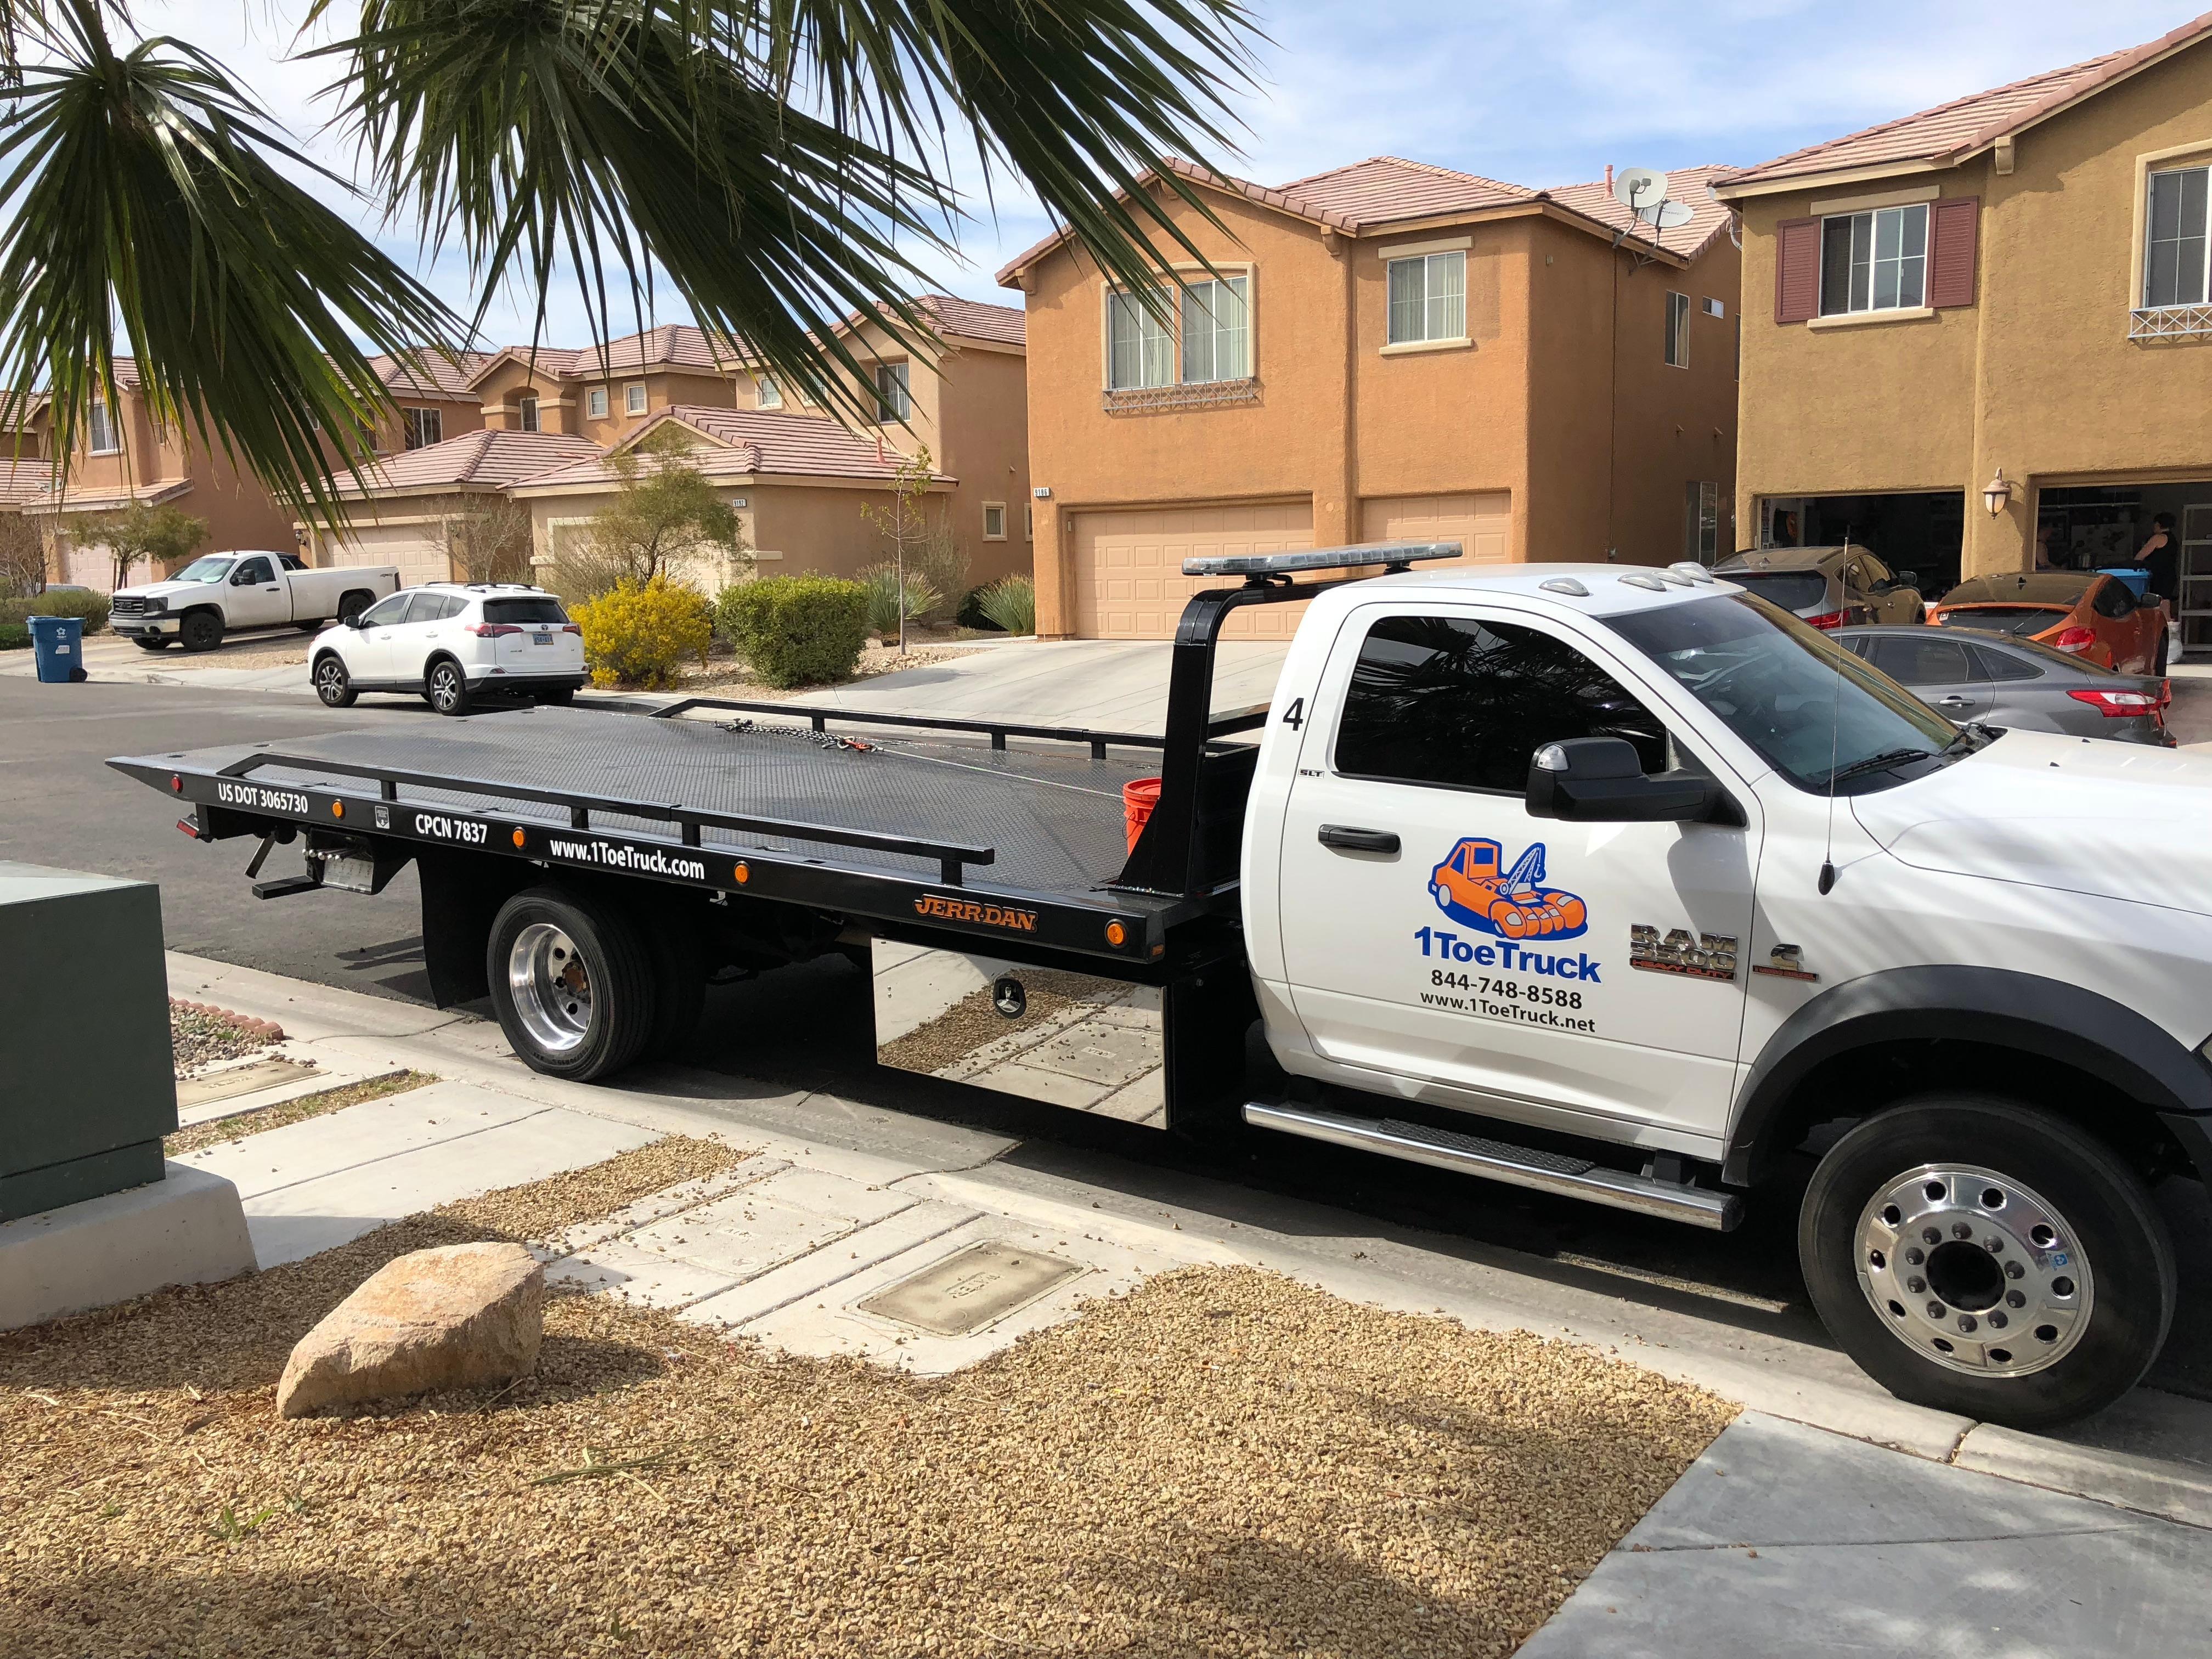 1 Toe Truck, LLC image 5